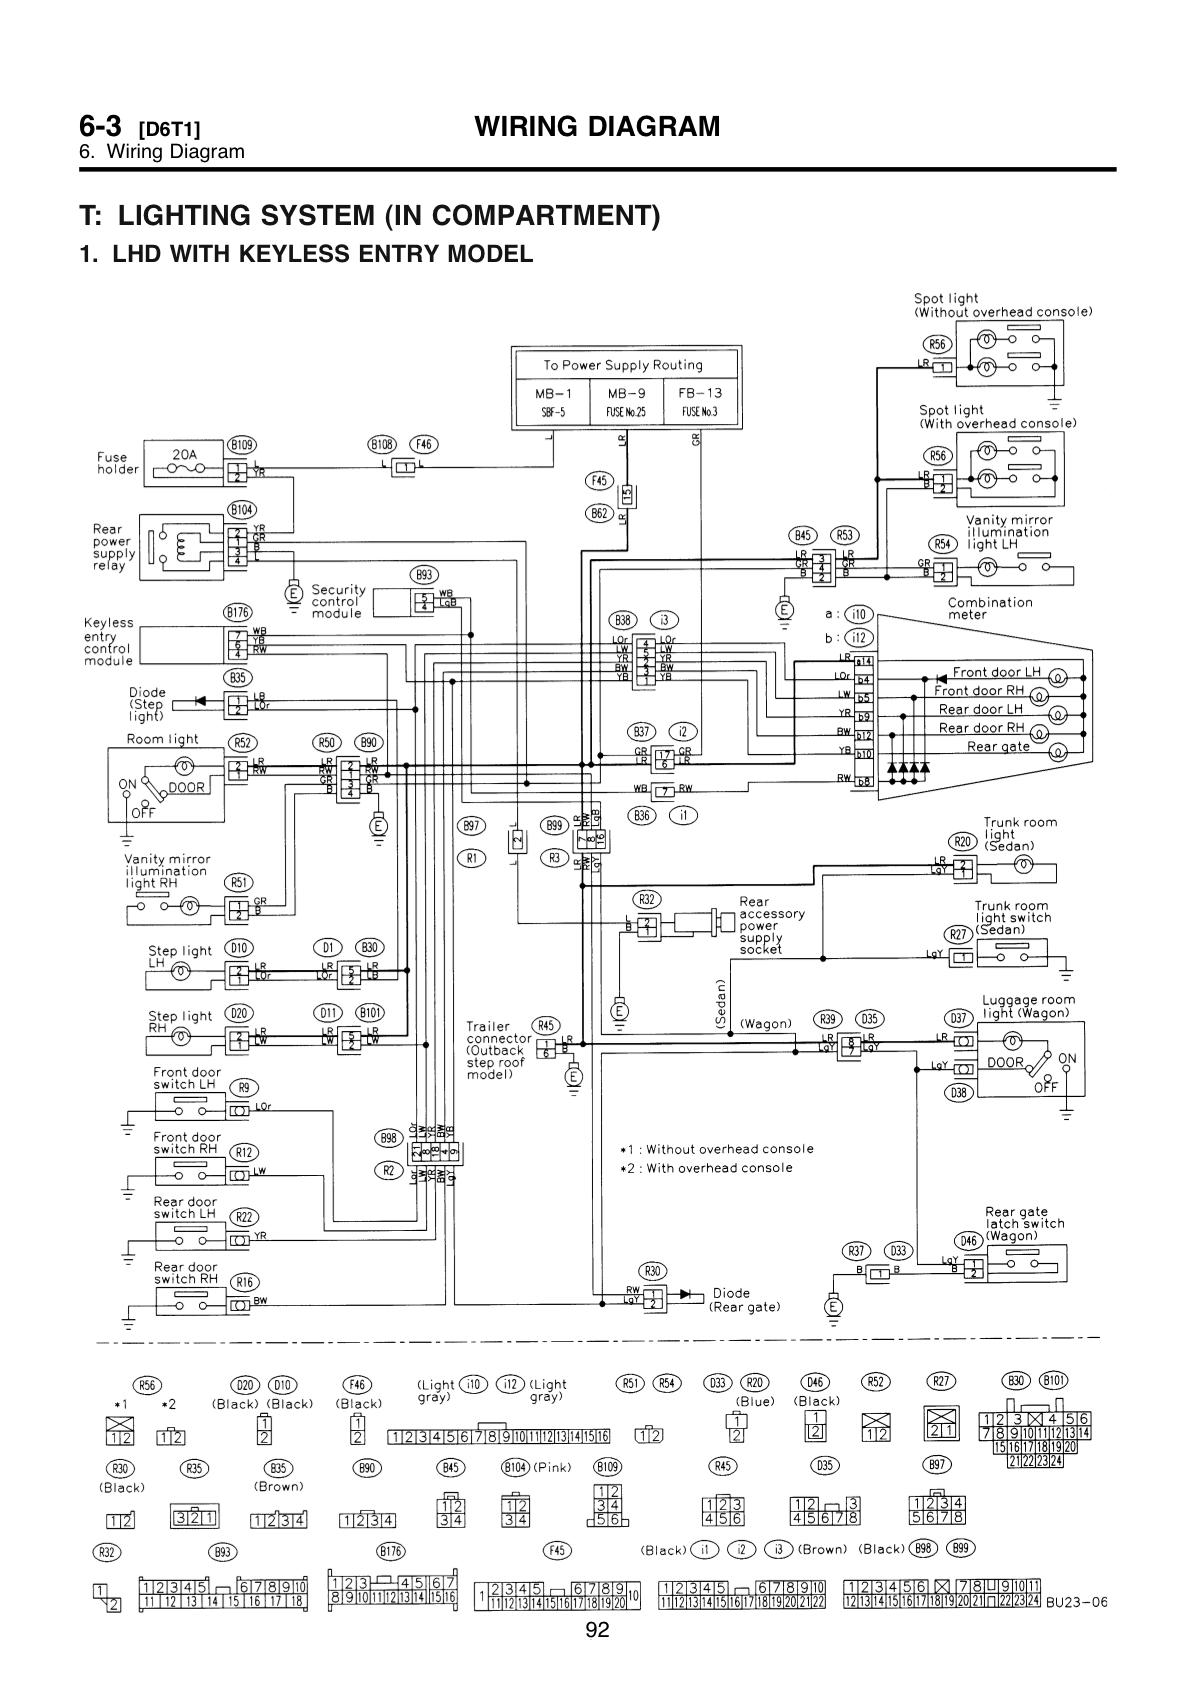 sti wiring diagram sti wiring diagram wiring diagram and schematic 02 WRX Fuse Box subaru wrx sti radio wiring diagram wiring diagram subaru wiring harness diagrams